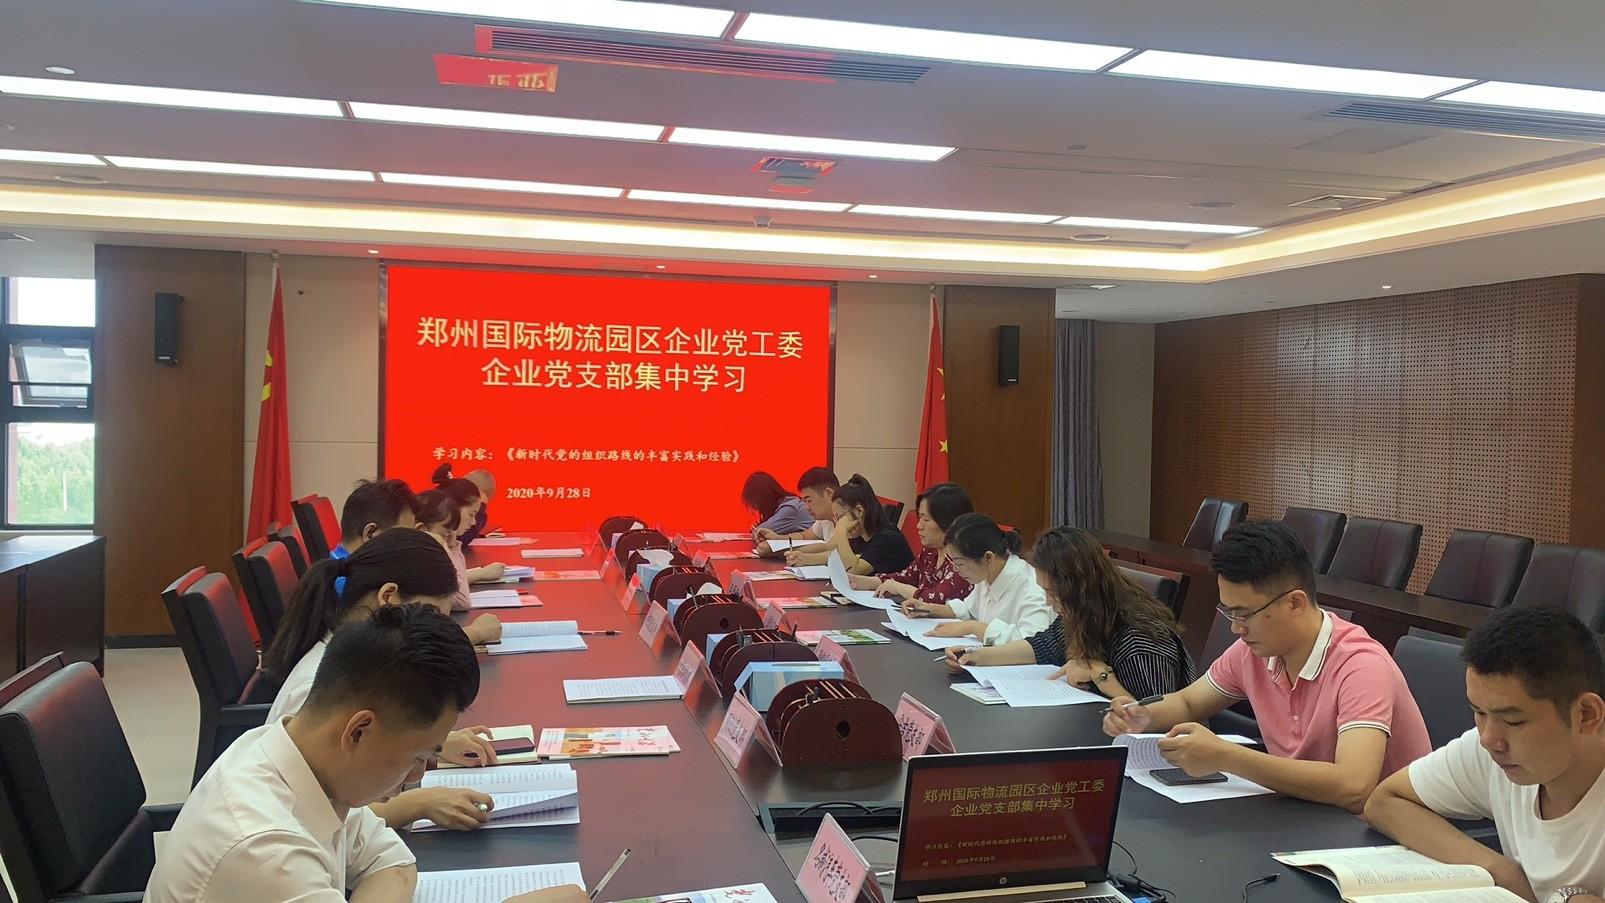 """开展""""新时代党的组织路线的丰富实践和经验""""主题党日活动"""